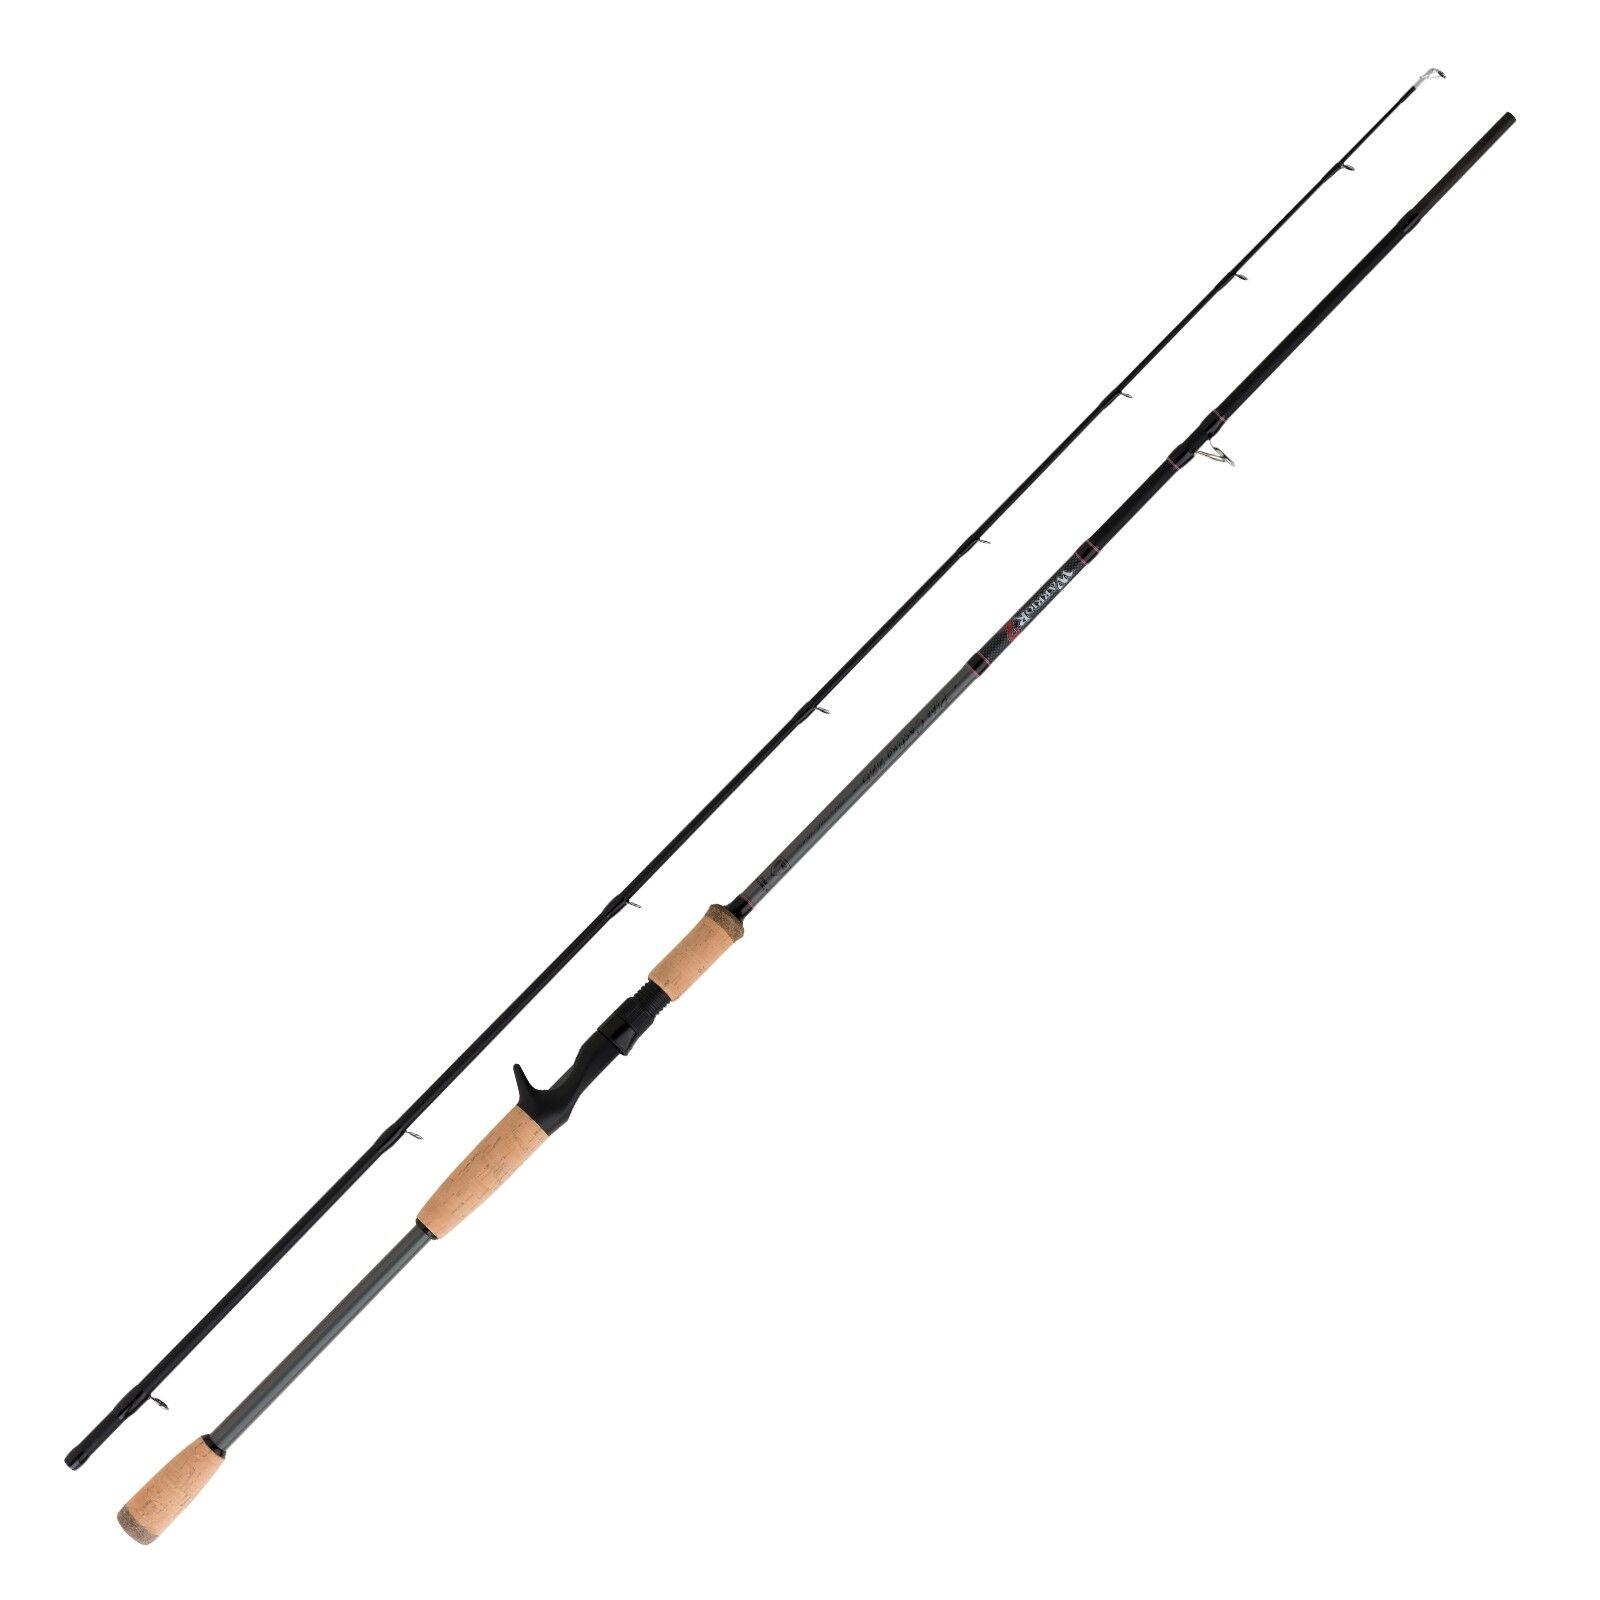 Fox Rage canna da pesca baitcastrute-Warrior 2 Pike Casting Rod 2,25m 20-80g 2 parte